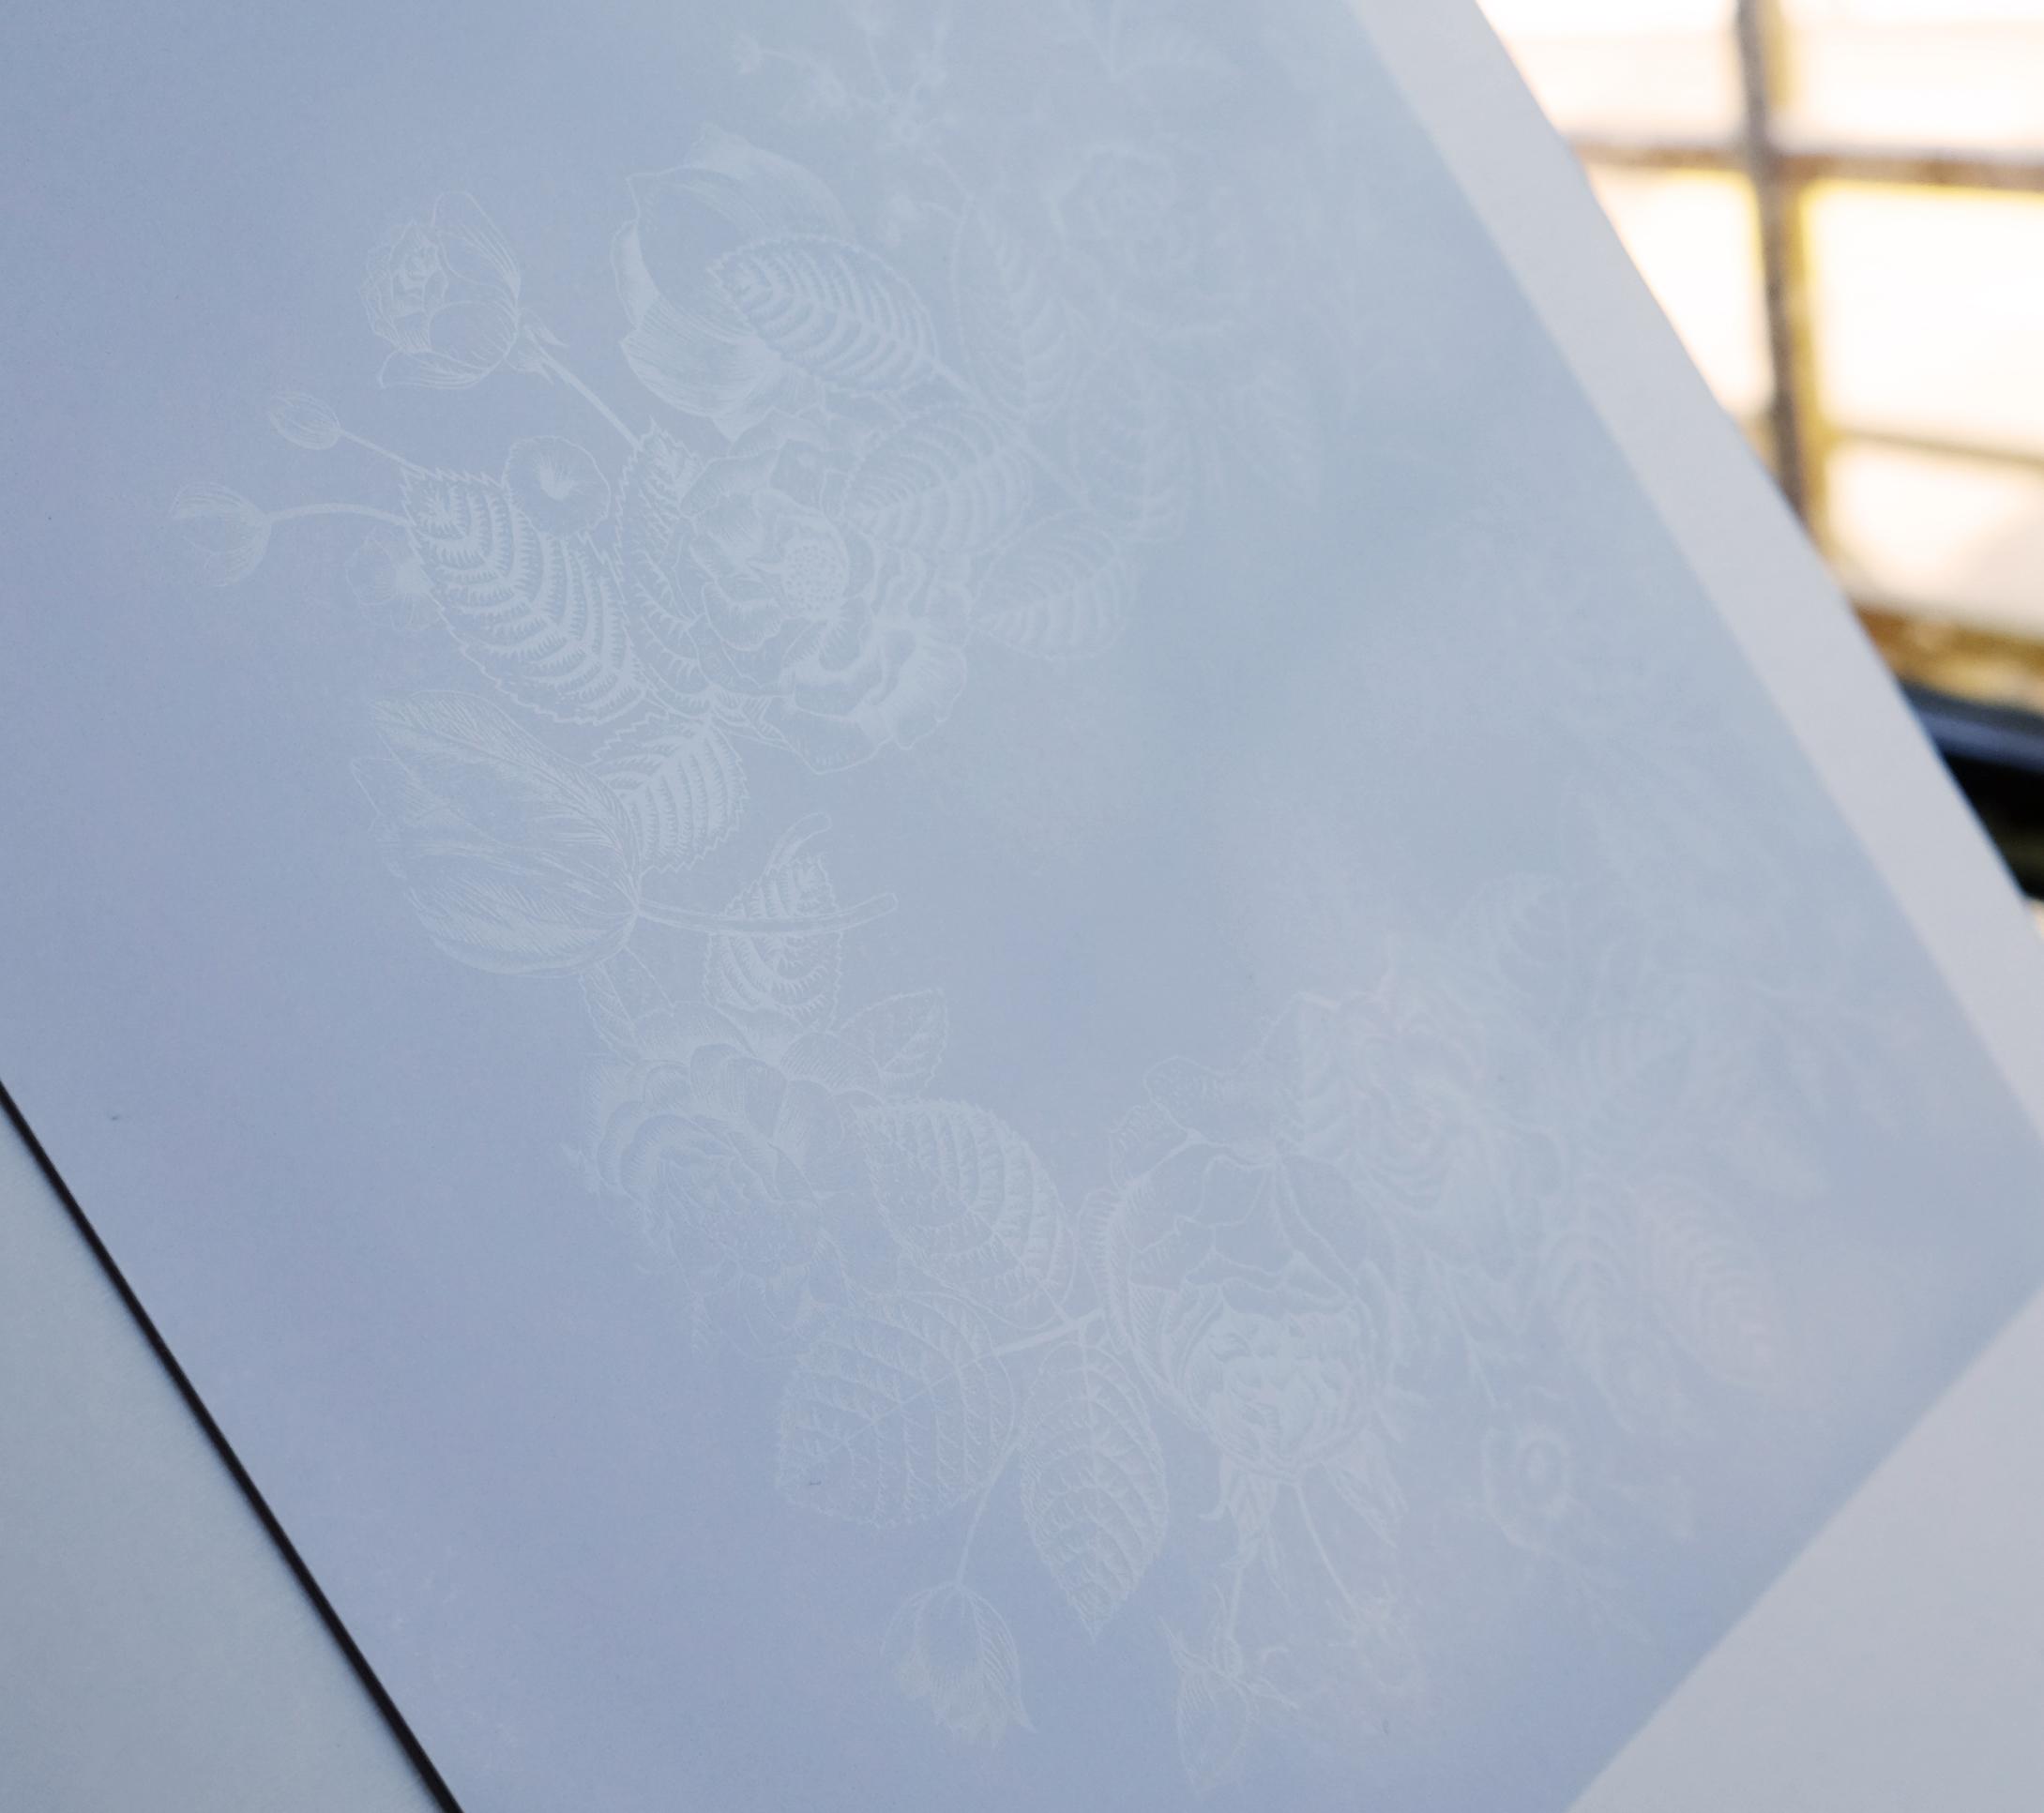 Impression encre blanche sur papier blanc - PCG Print